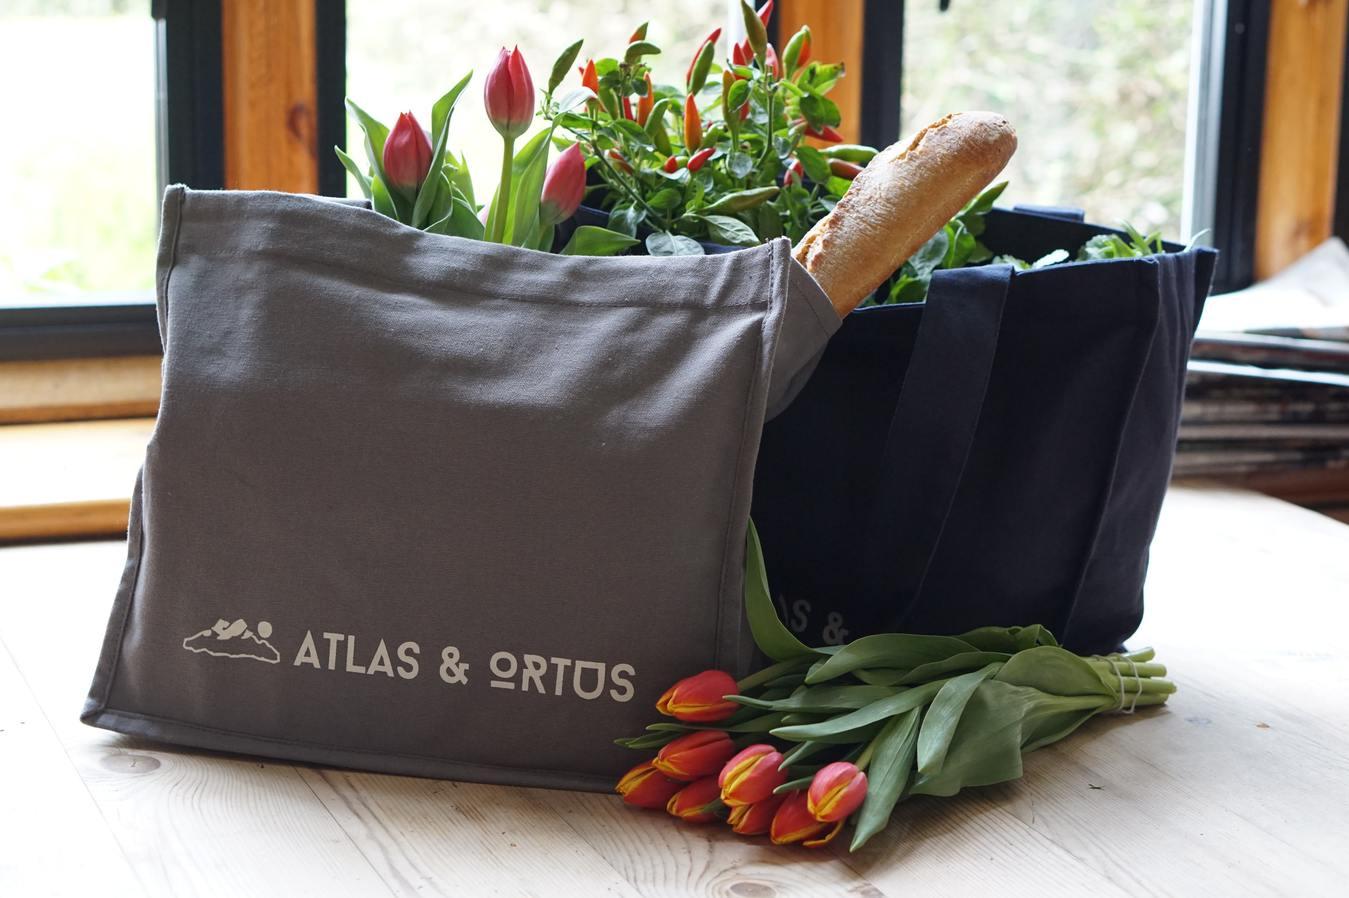 Voedsel boodschappentassen op een tafel